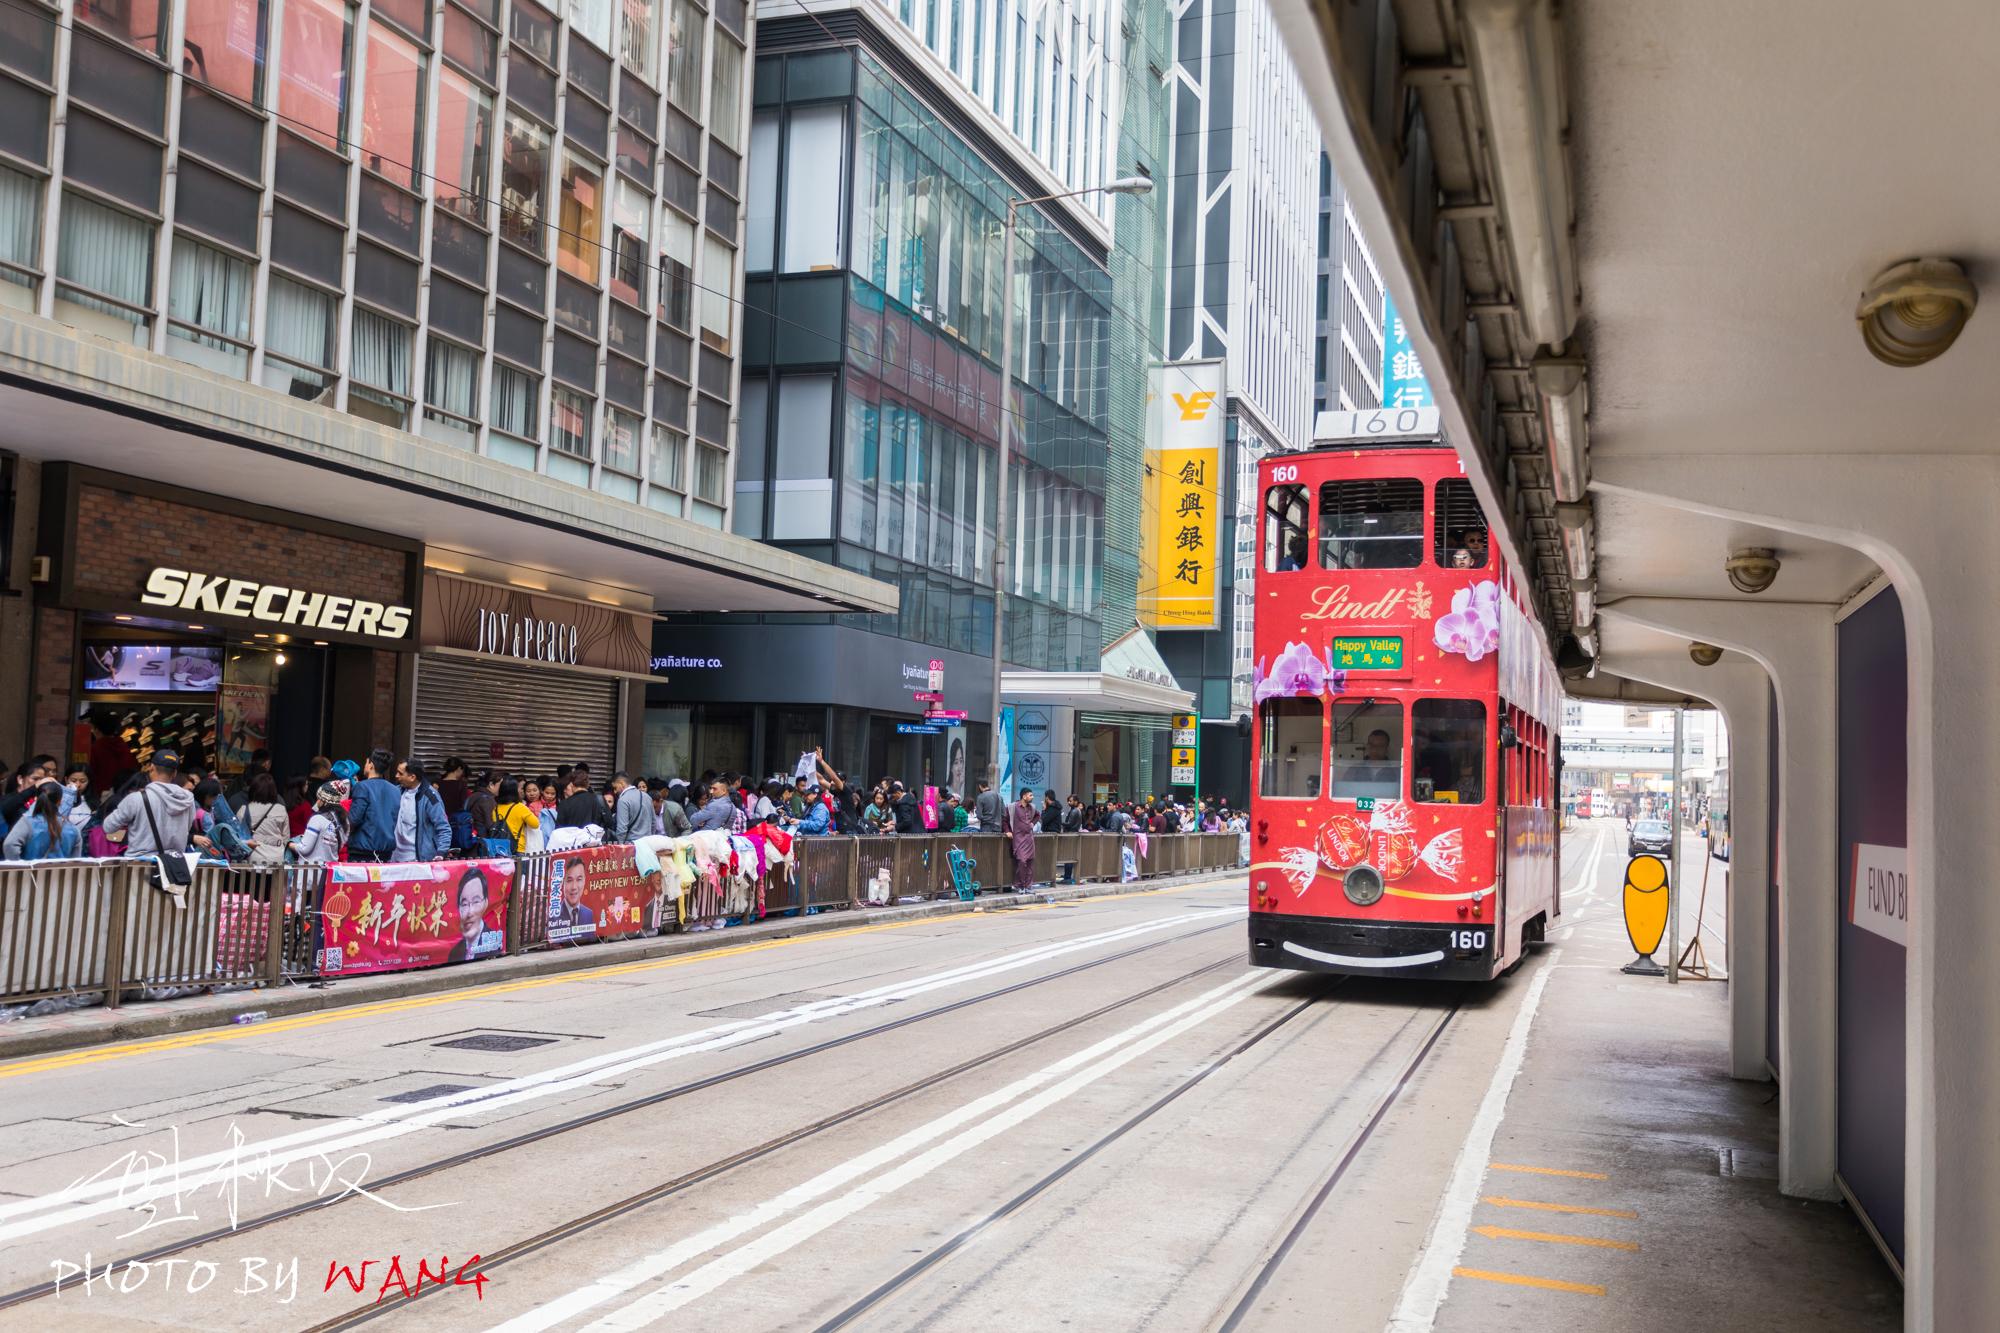 去过香港的人,都对香港的交通有着深刻的印象贵!地铁从罗湖到尖沙咀,就是30多港币,每天可能交通费就要50多。而要说到性价比最高的交通工具,非叮叮车莫属,从坚尼地城到筲箕湾,不管你坐多少站,只要2.3元港币。叮叮车不仅仅是便宜,已经有百年历史的它早已成为香港的一个标志。  前年暑假,第一次来香港,娃就深深喜欢上了这种双层有轨电车,深深喜欢上了那叮叮叮清脆的响铃声。这次来香港之前,问她最想干什么,坐叮叮车是她的第一个答案。前一天因为赶着回去吃年夜饭,在中环没有坐叮叮车。大年初一一早,便带着娃来重温她两年